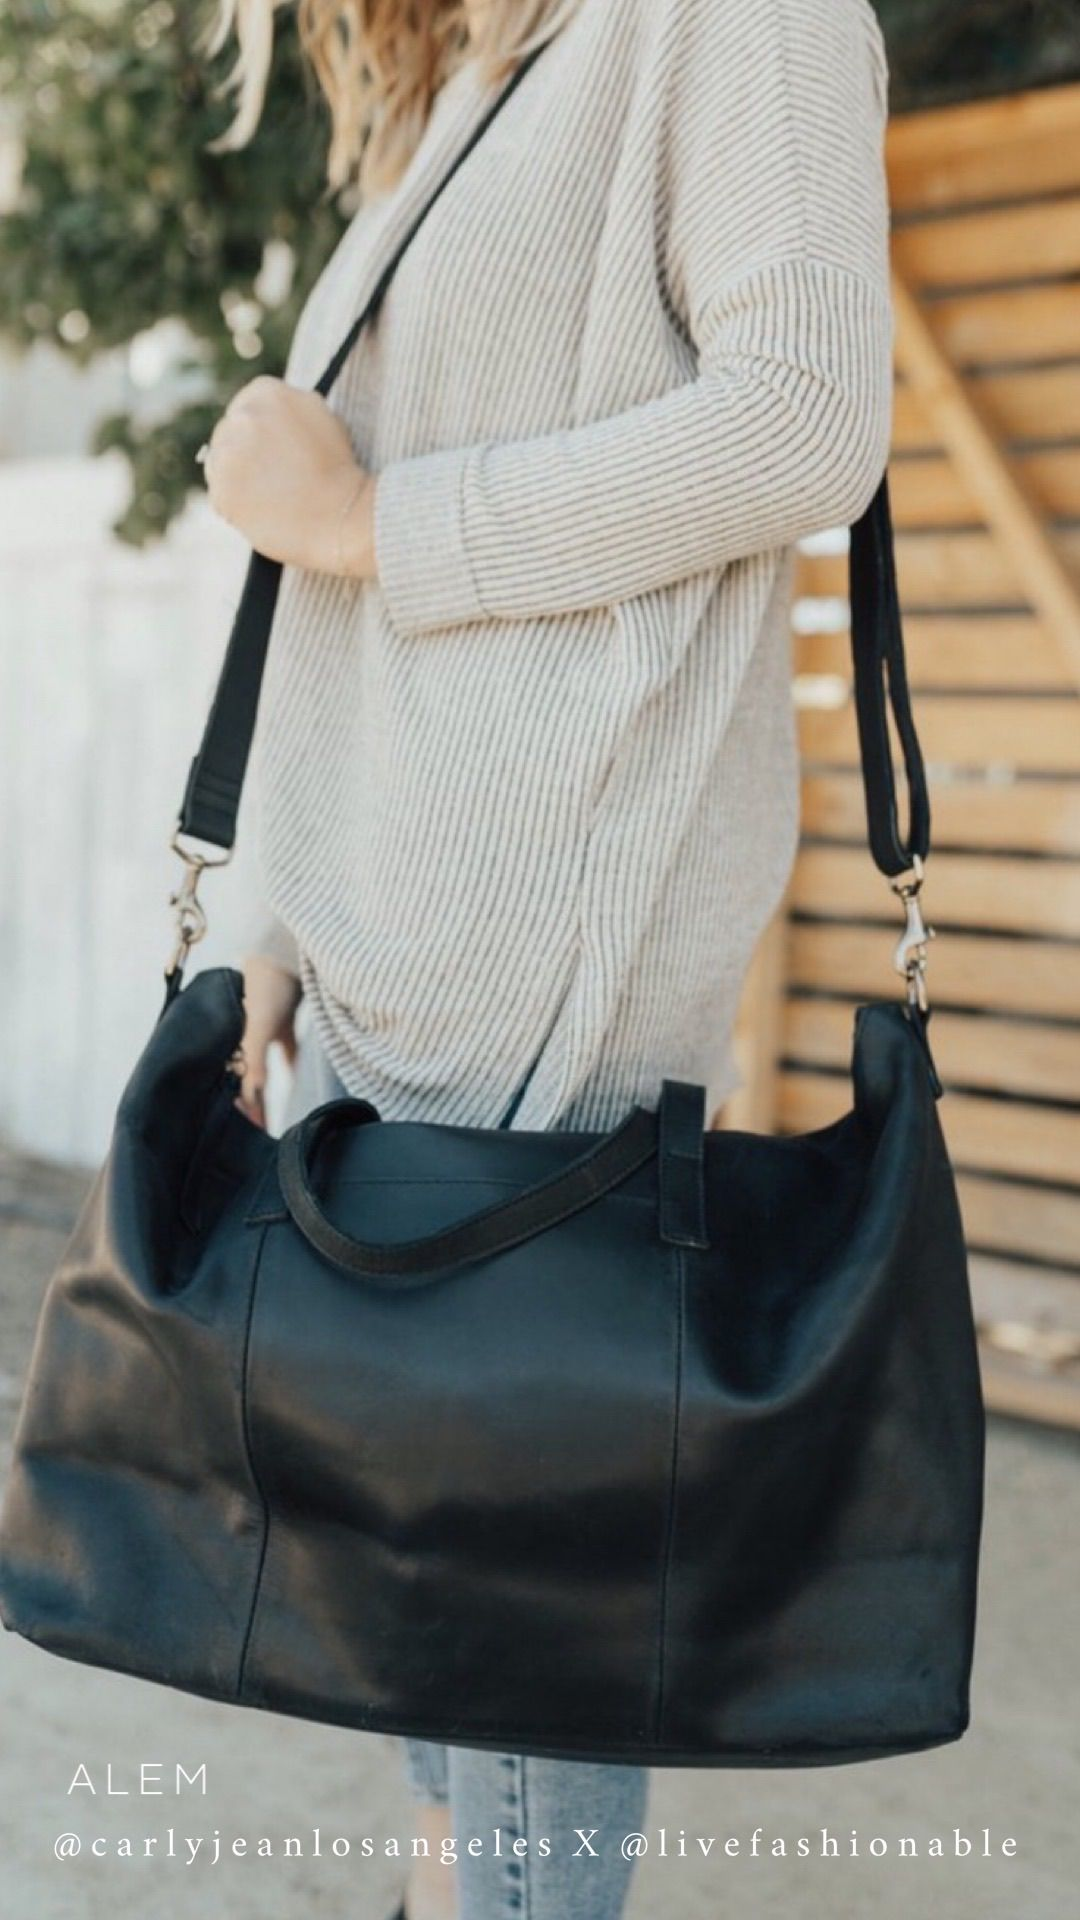 Alem Leather Weekender Bag Leather Weekender Bag Leather Weekender Weekender Bag